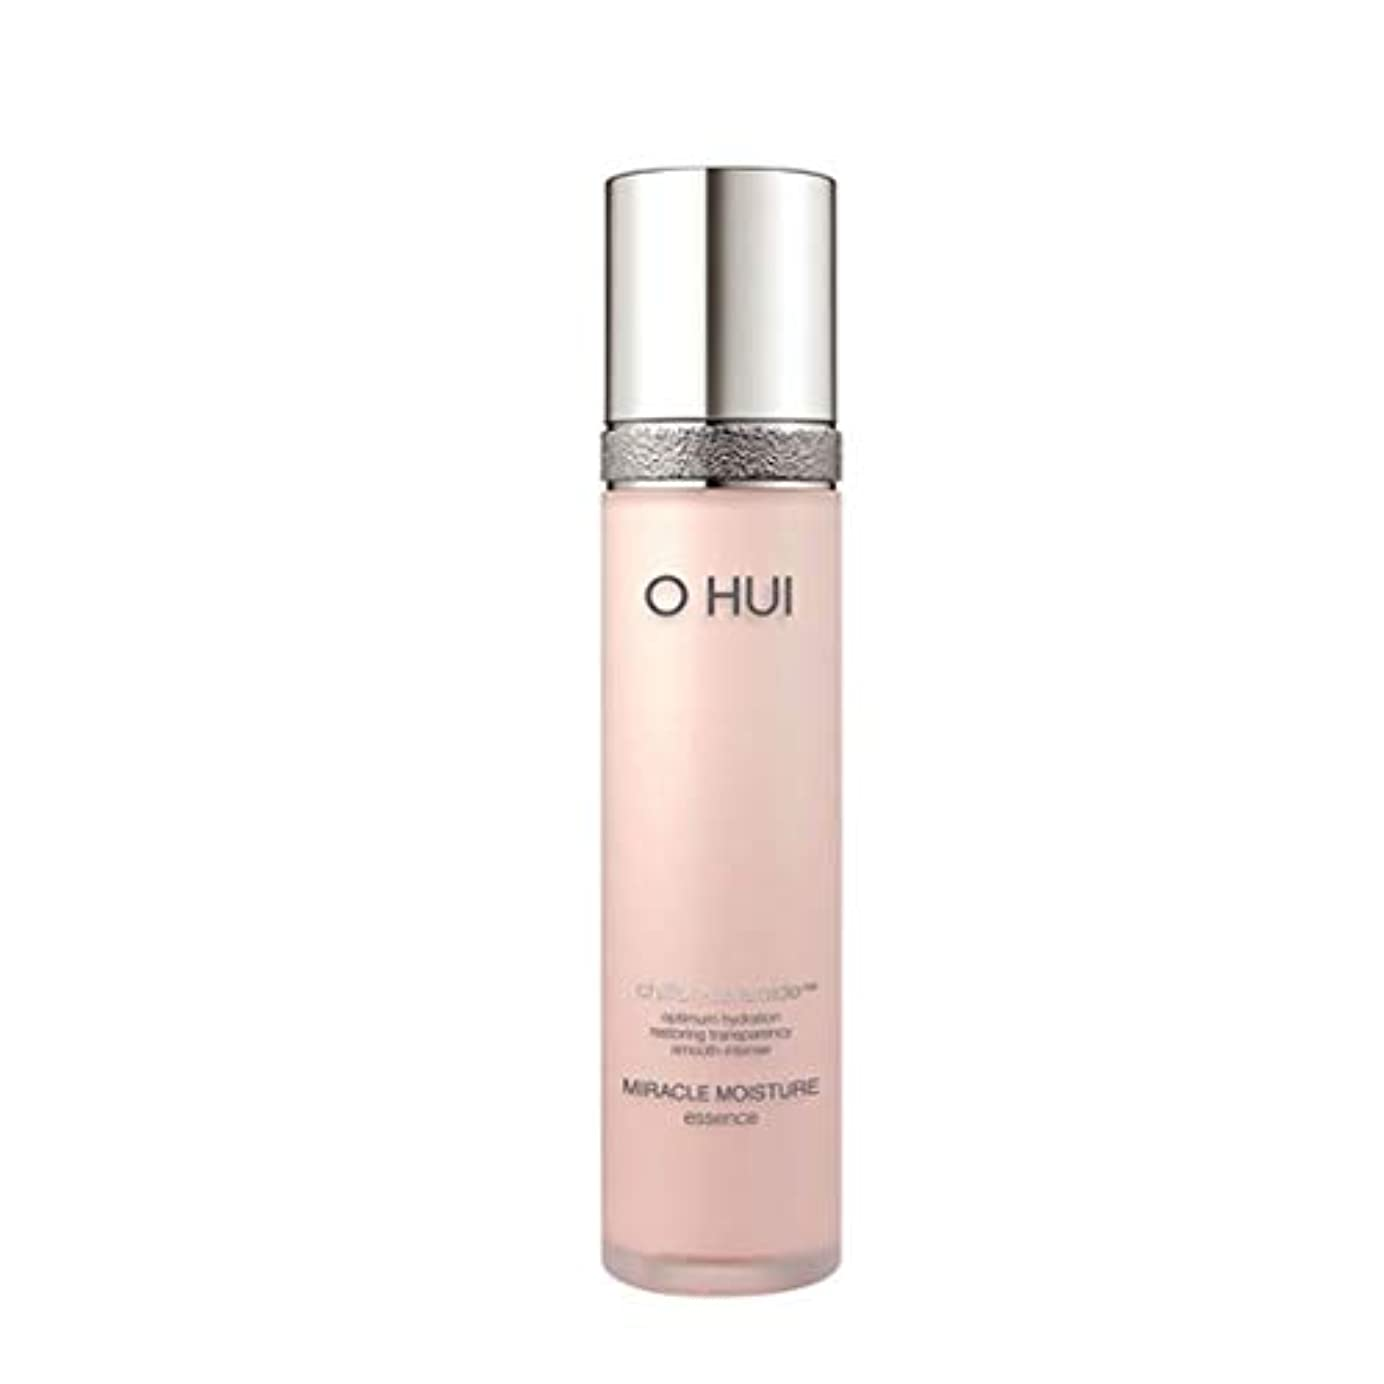 祈り第三ラリーオフィミラクルモイスチャーエッセンス45ml韓国コスメ、O Hui Miracle Moisture Essence 45ml Korean Cosmetics [並行輸入品]